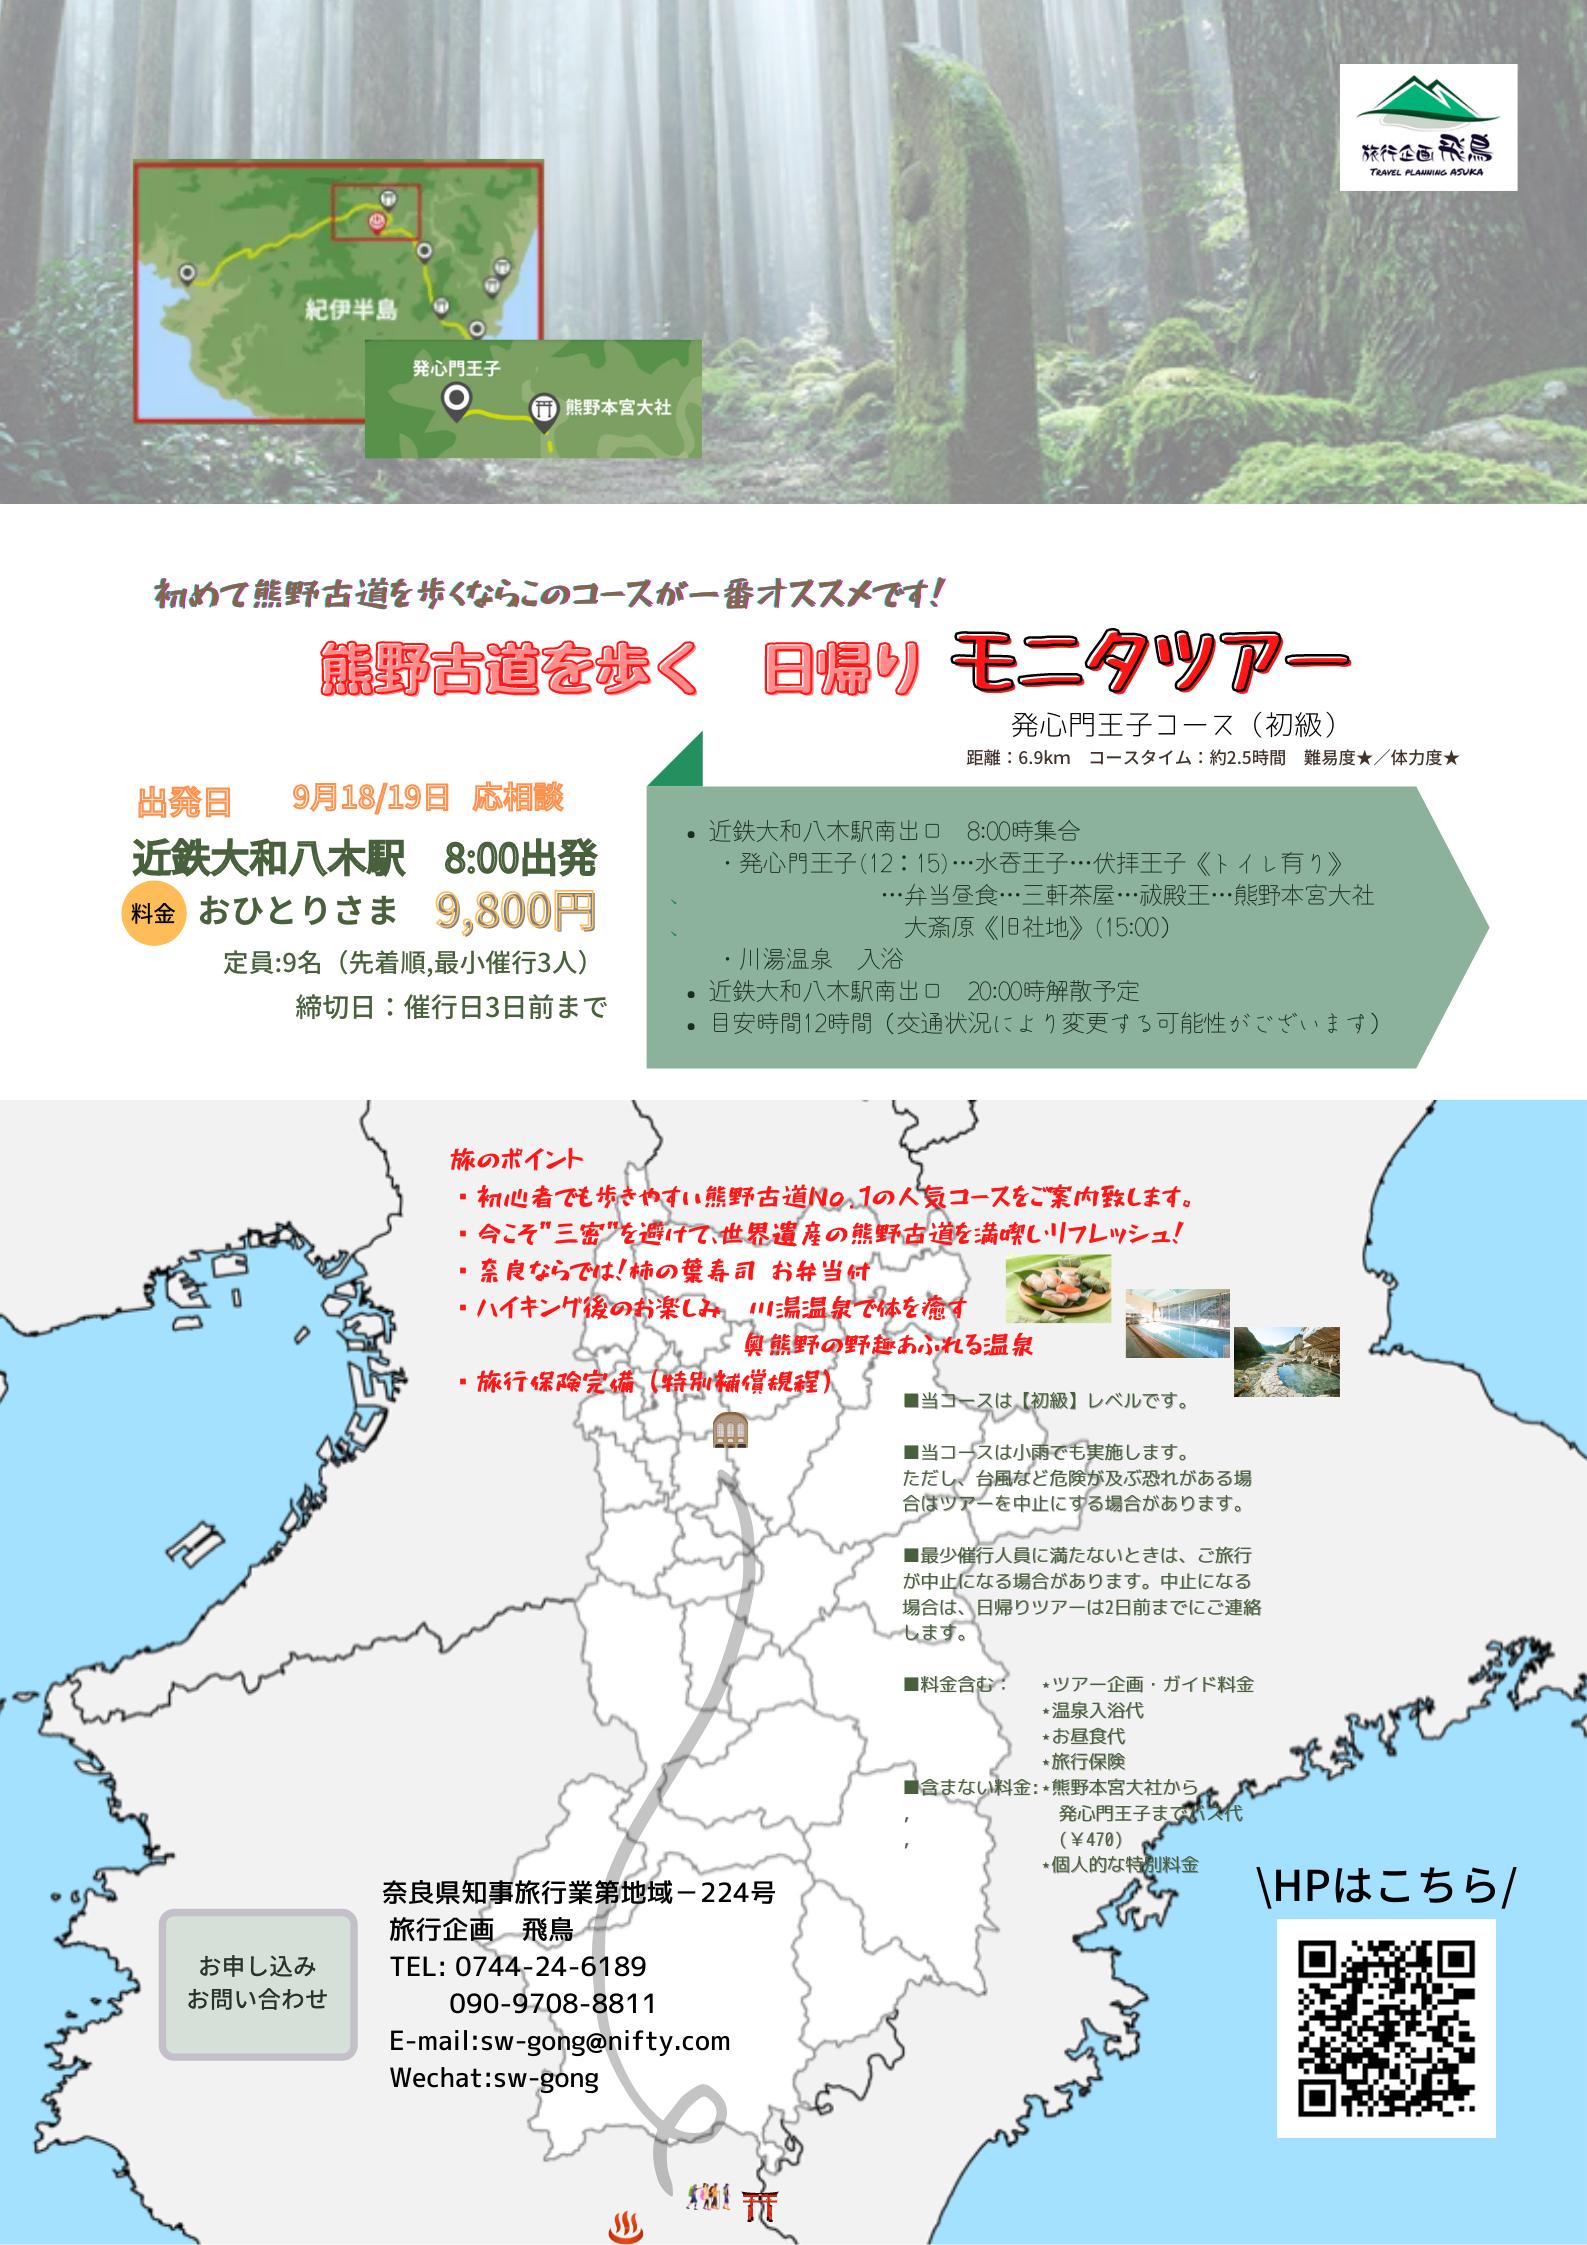 熊野古道を歩く モニターツアー募集中